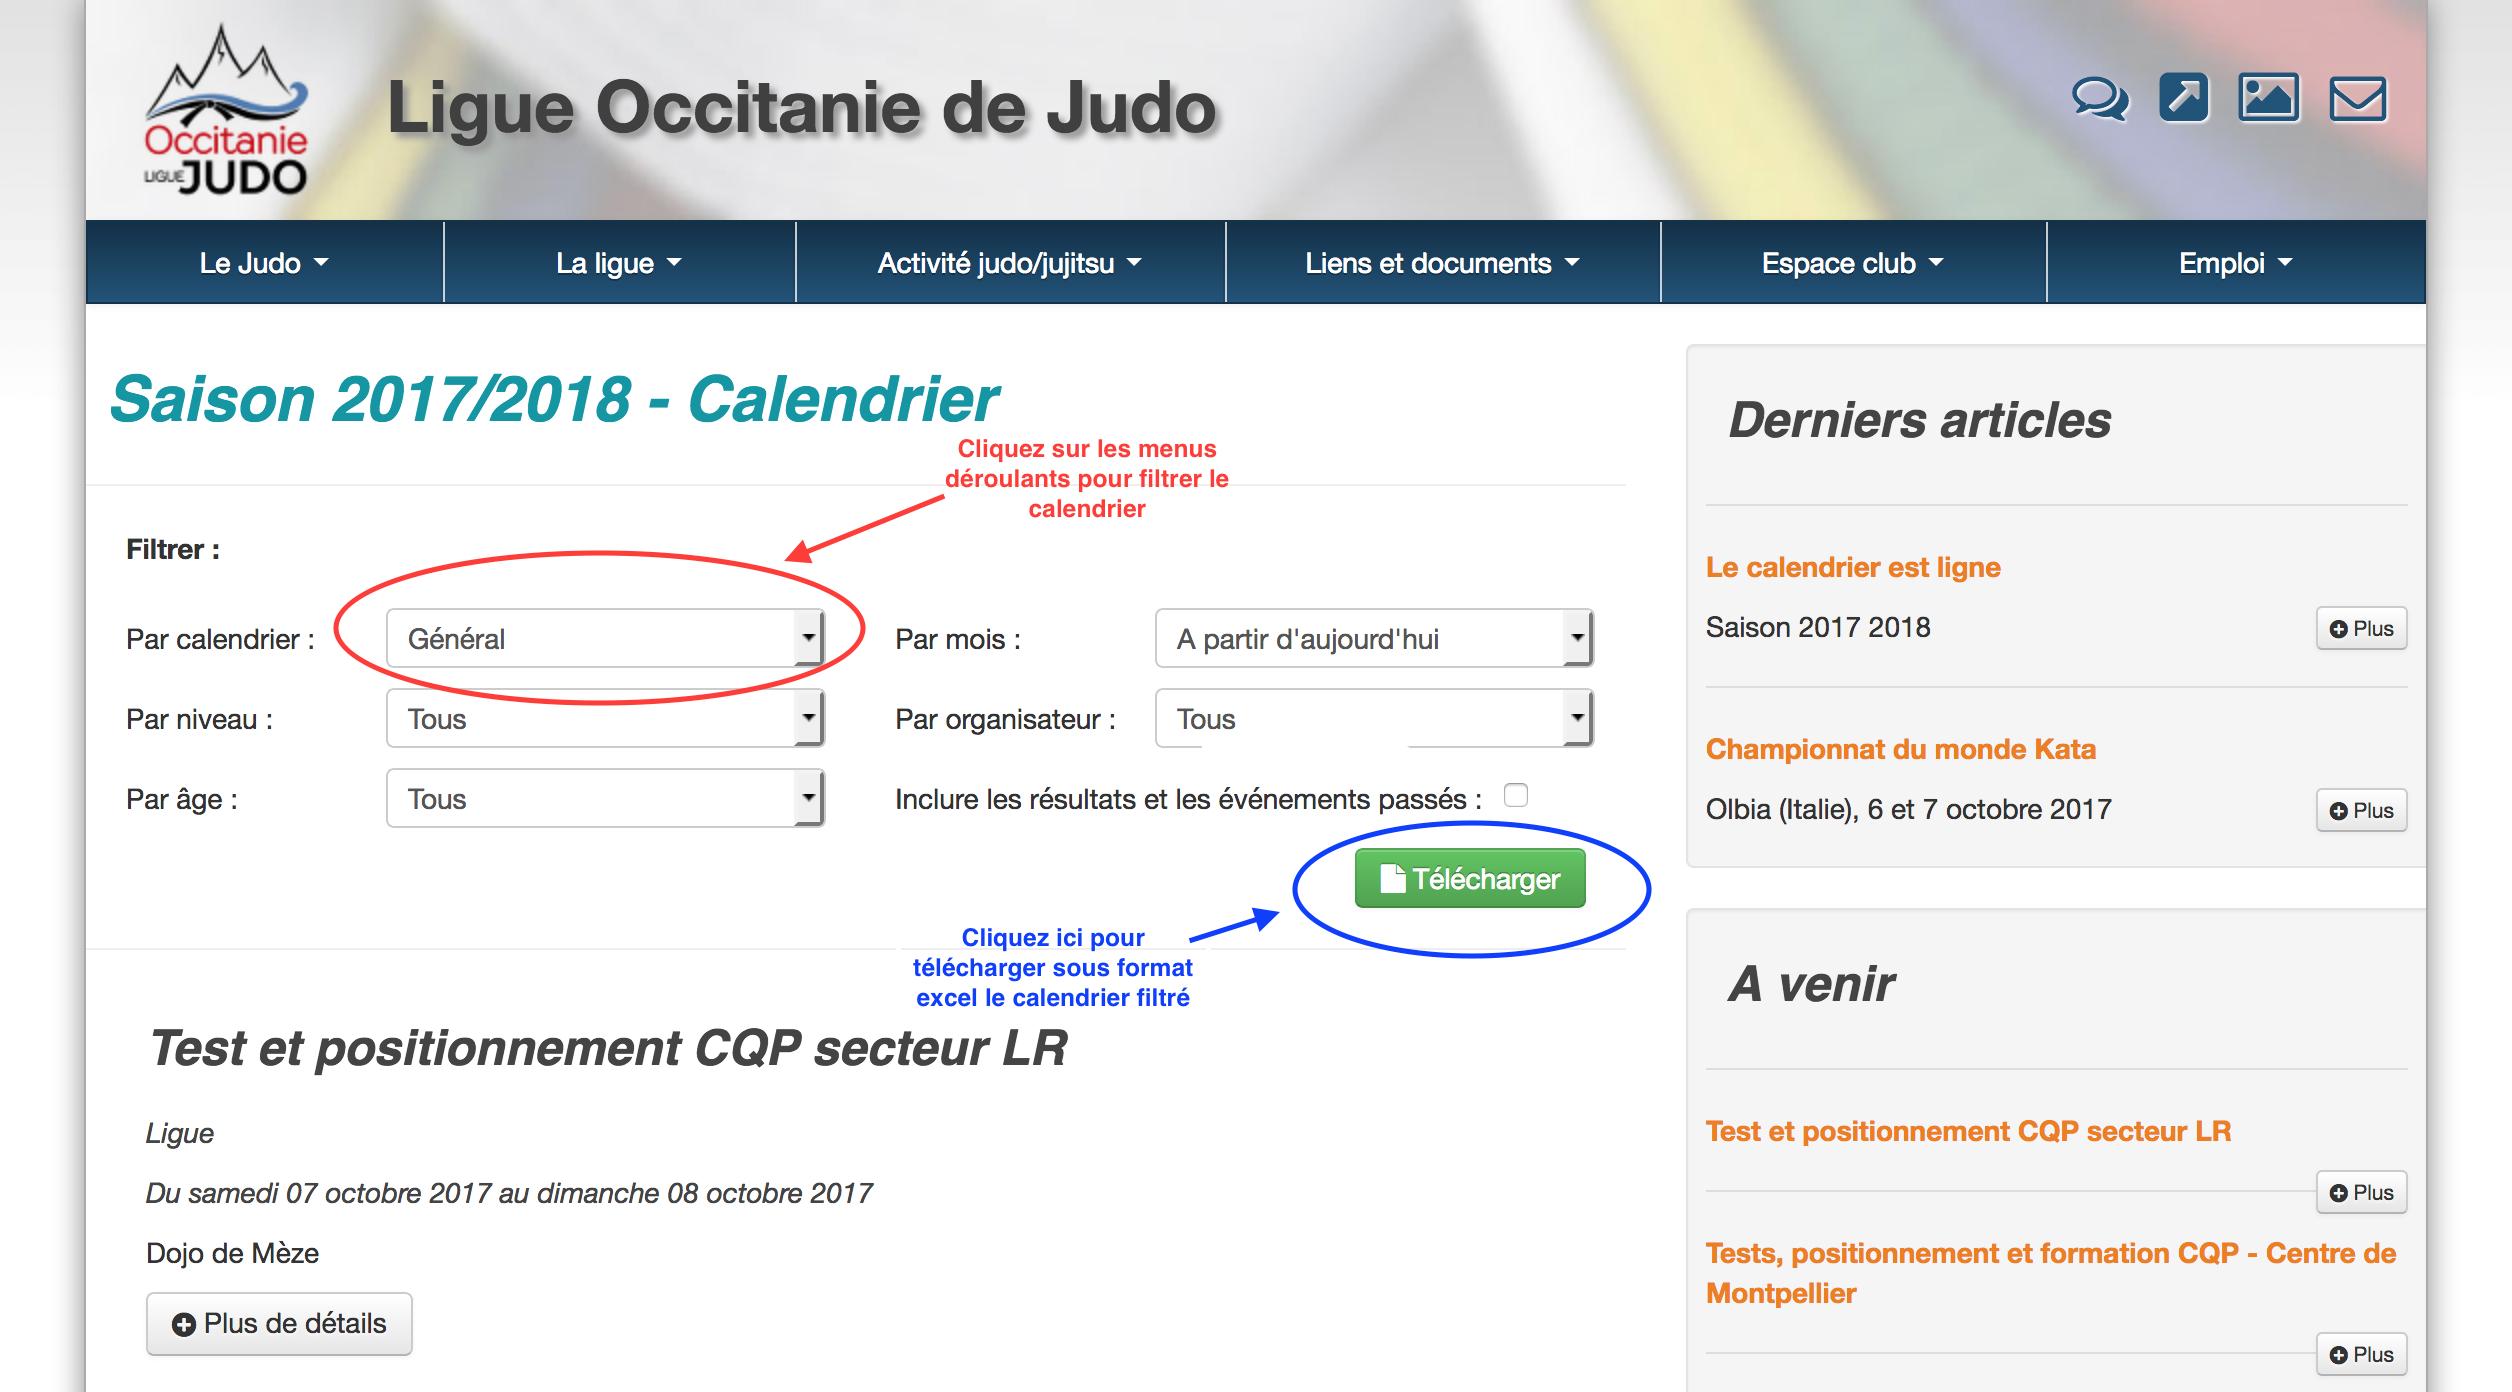 Le Calendrier Est En Ligne - Site Officiel De La Ligue intérieur Calendrier 2017 En Ligne